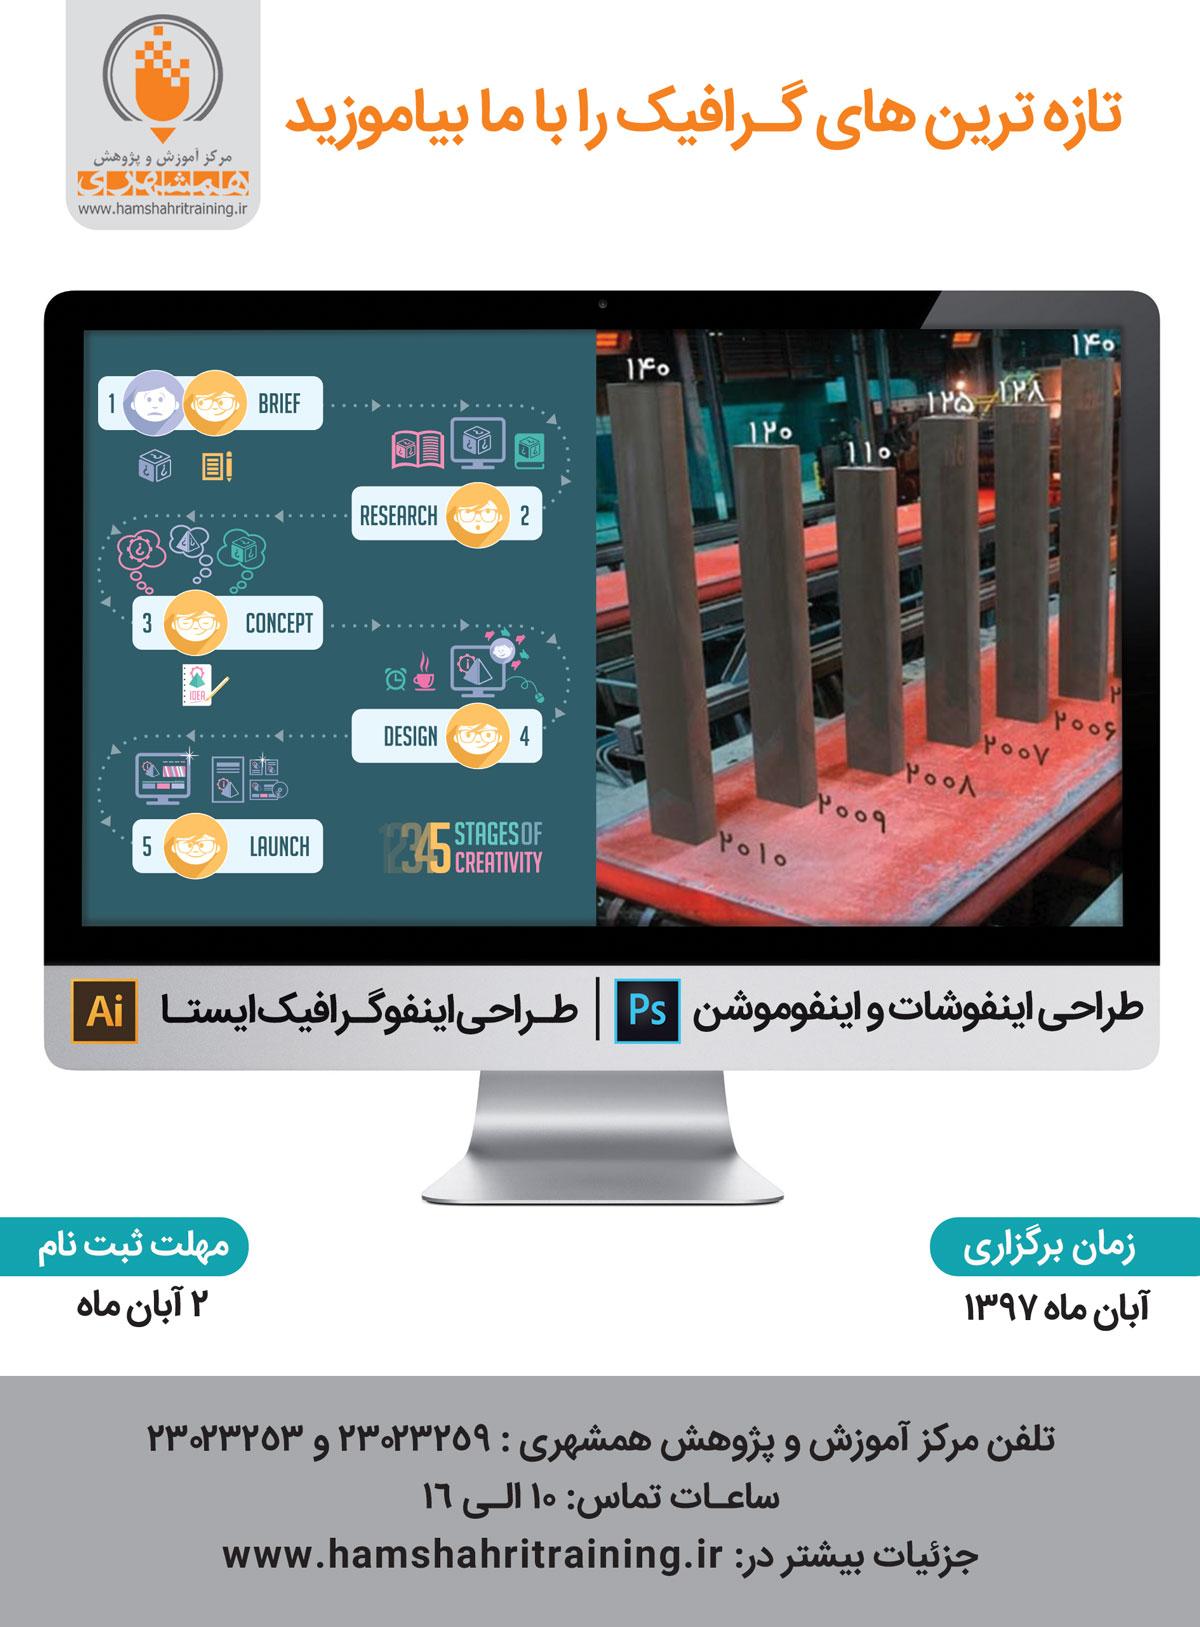 hamshahri training